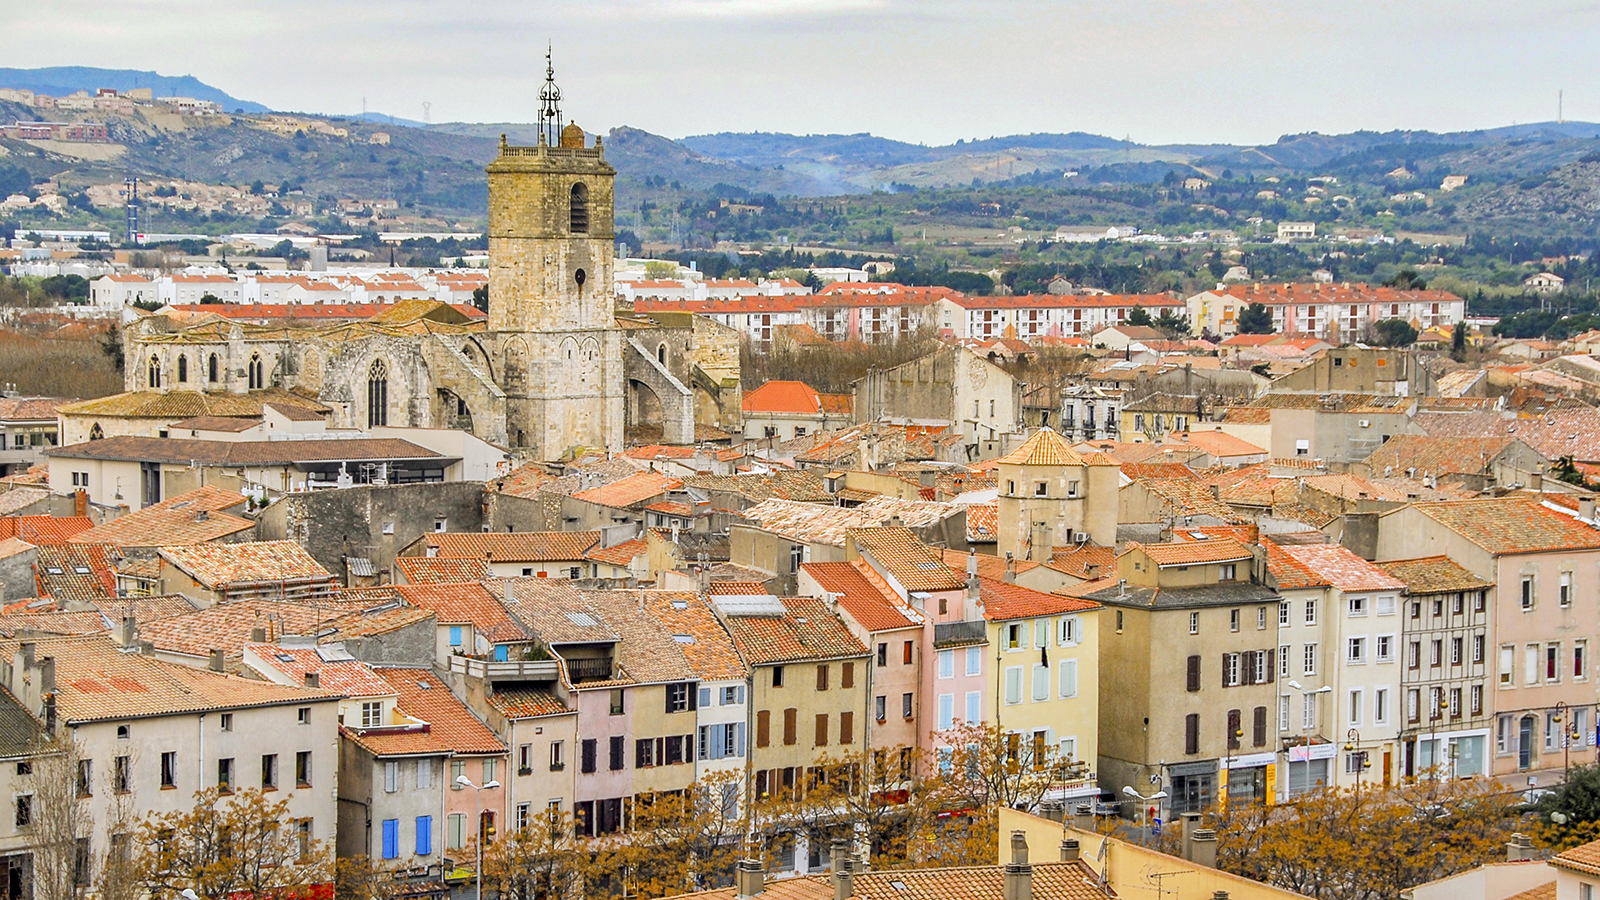 Die Stadtkrone von Narbonne. Foto: Hilke Maunder